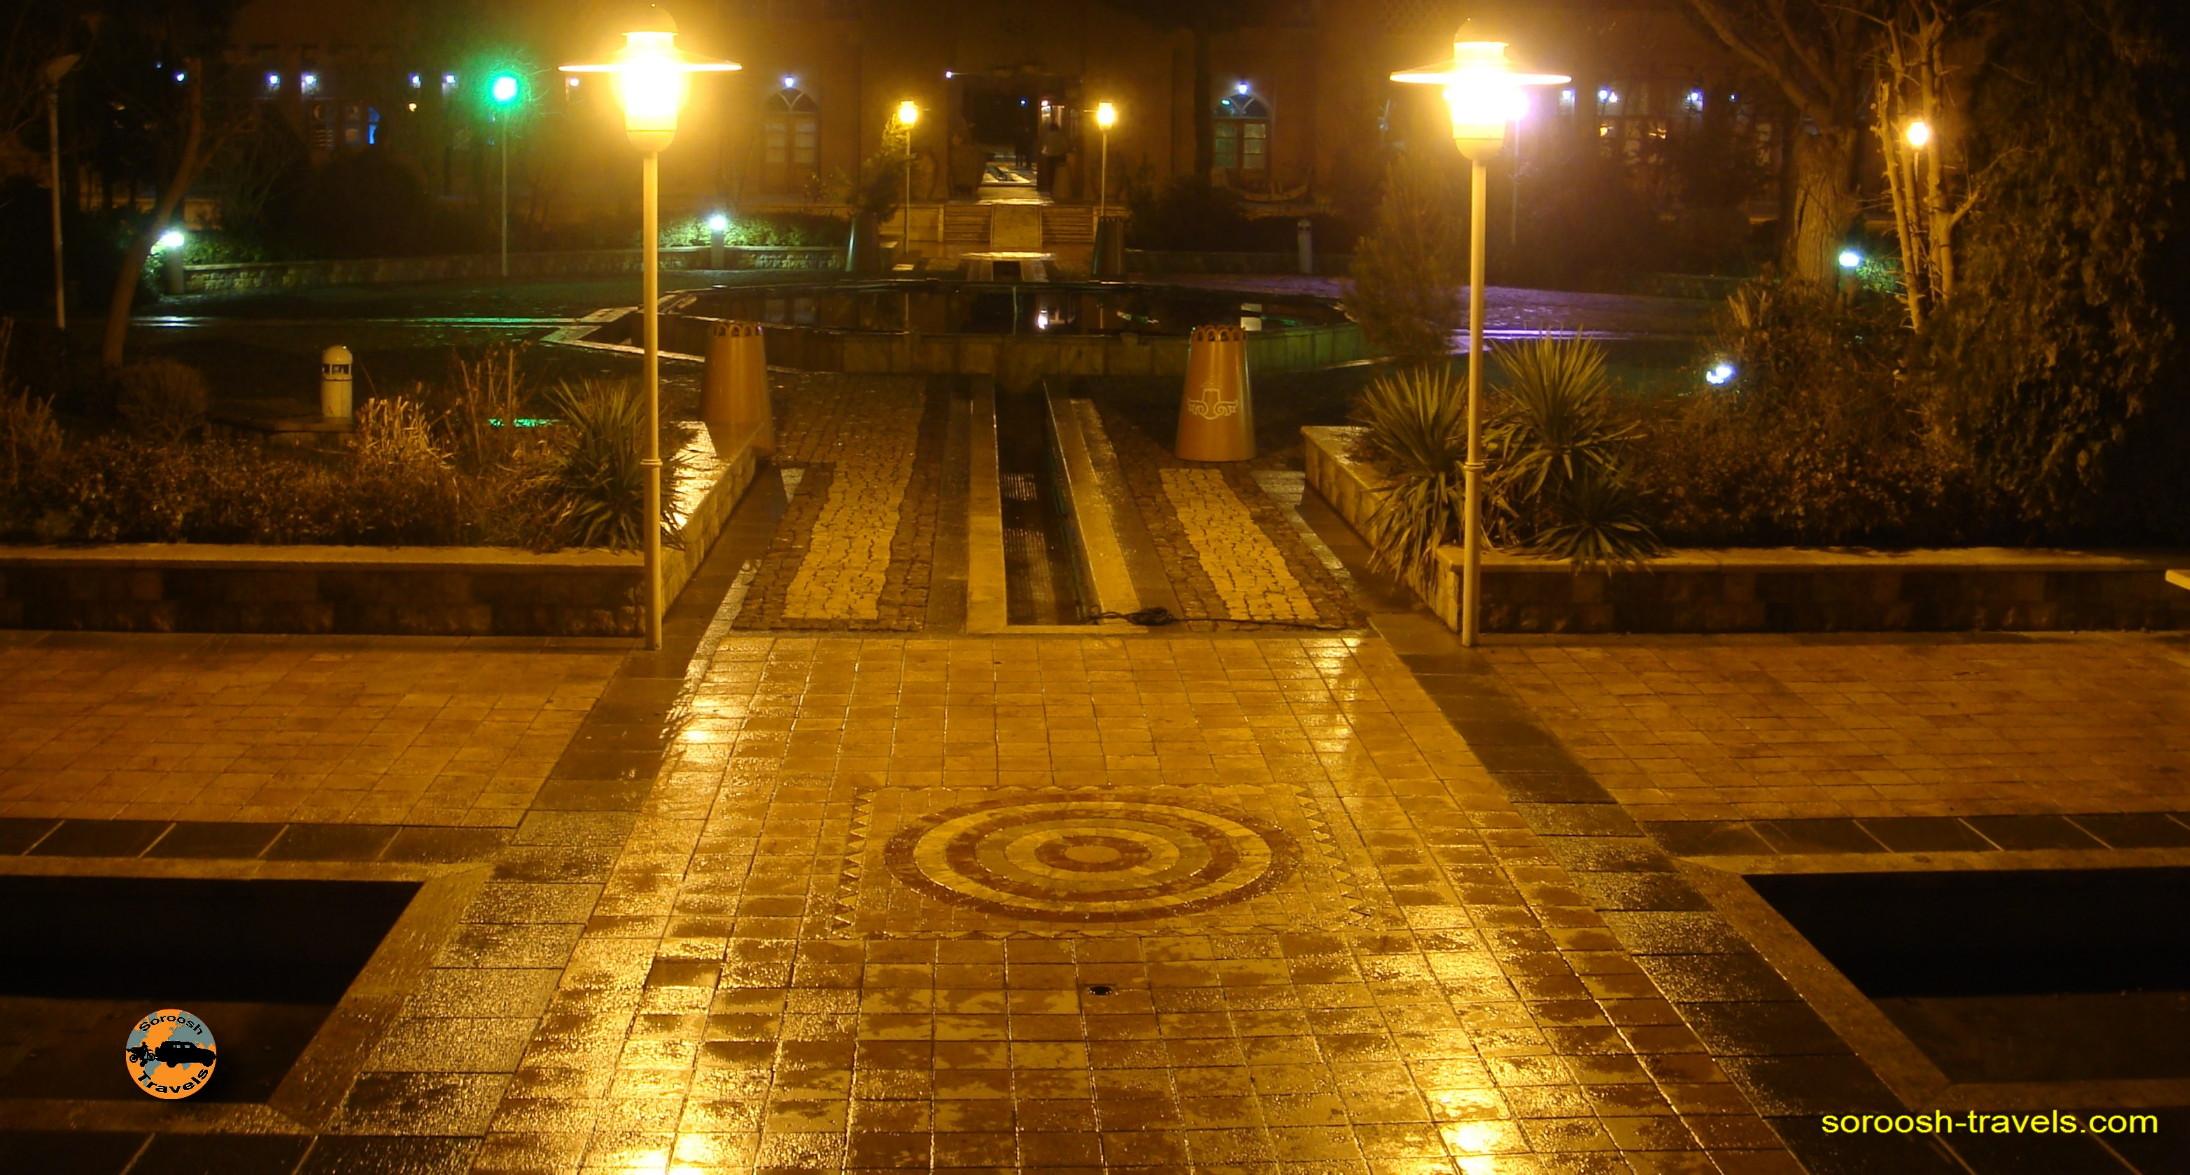 esfahan-koohrang-googad-maranjaab-tehran-winter-1388-20